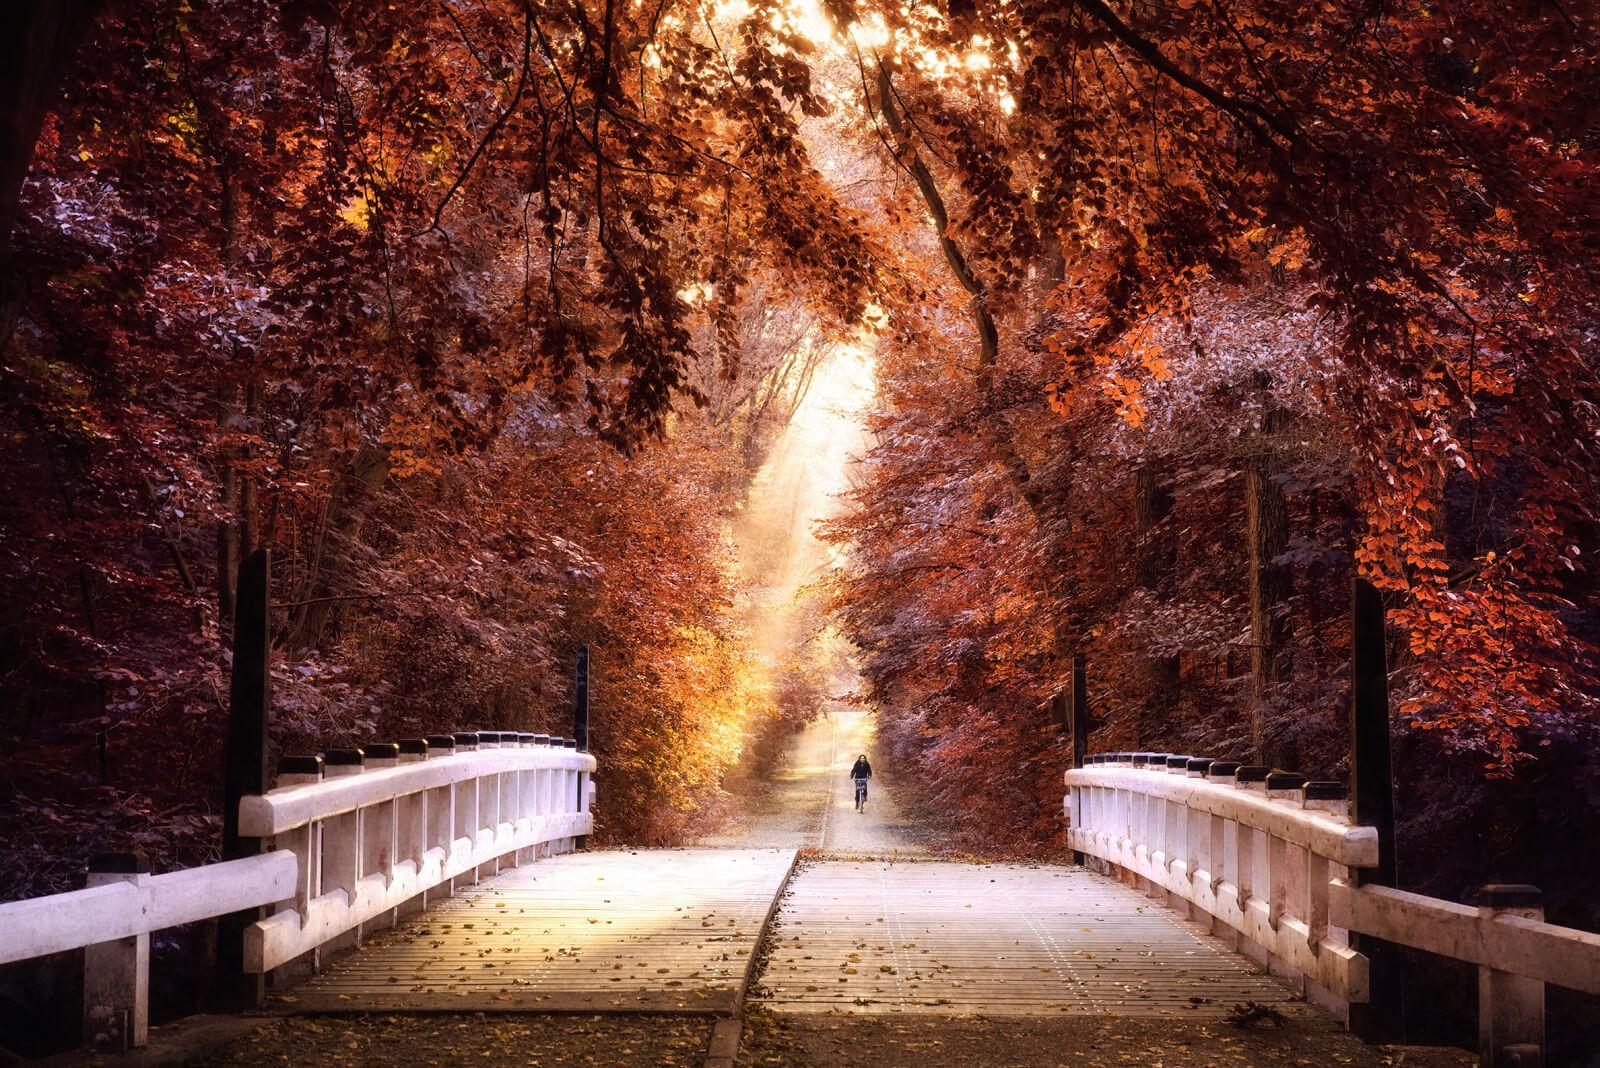 Taking the Bridge to Fall